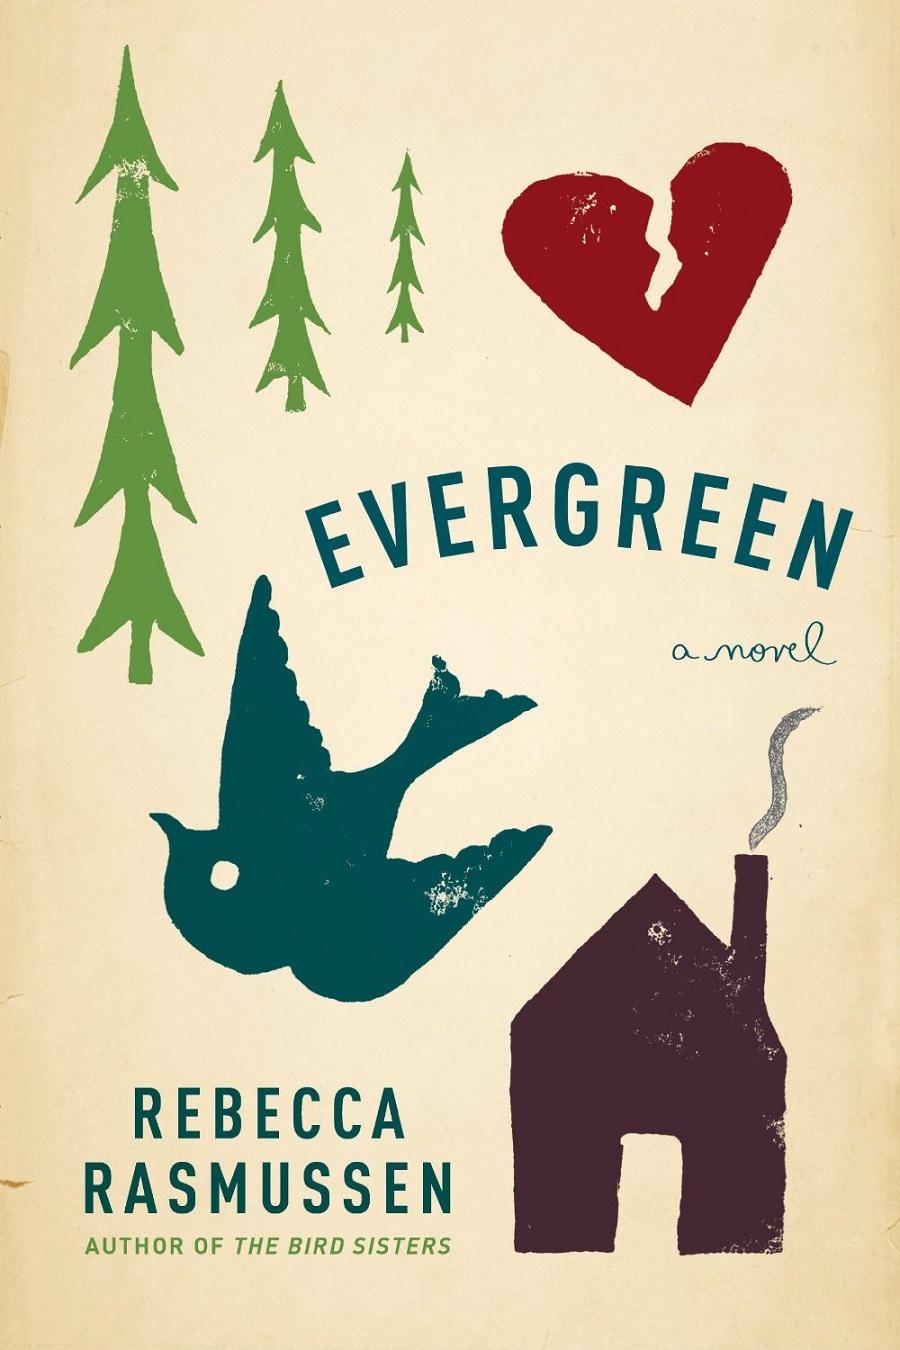 Evergreen: A novel by Rebecca Rasmussen